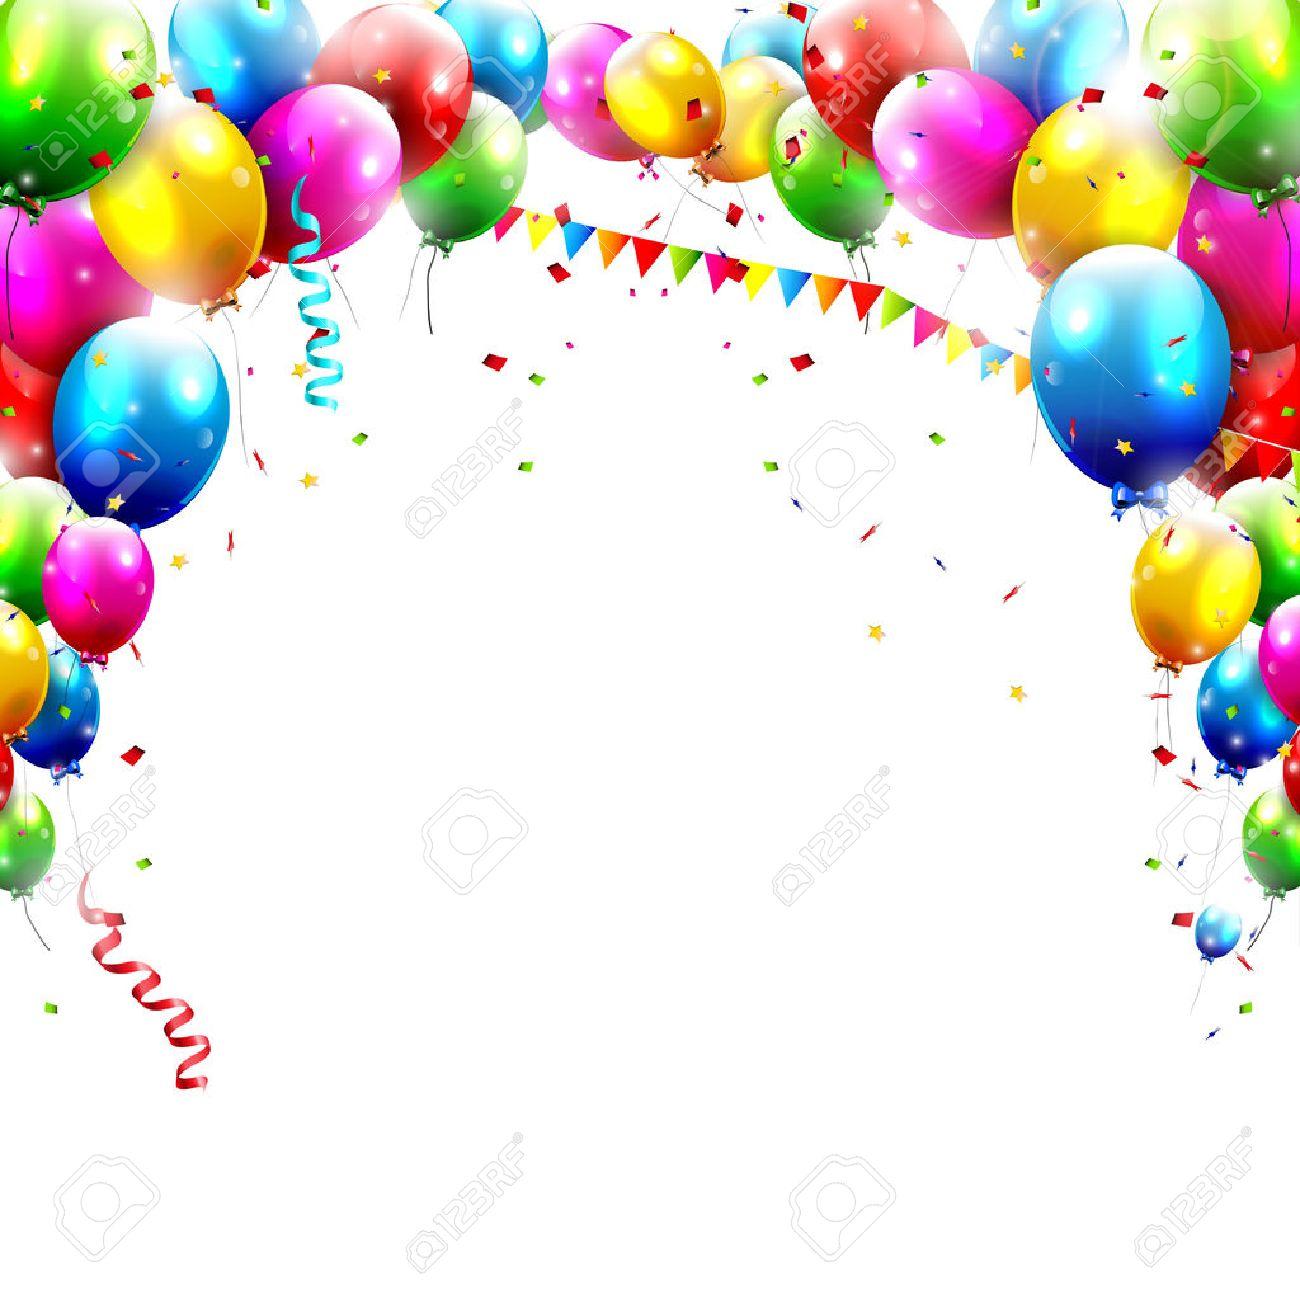 Ballons Danniversaire Coloful Isolé Sur Fond Blanc